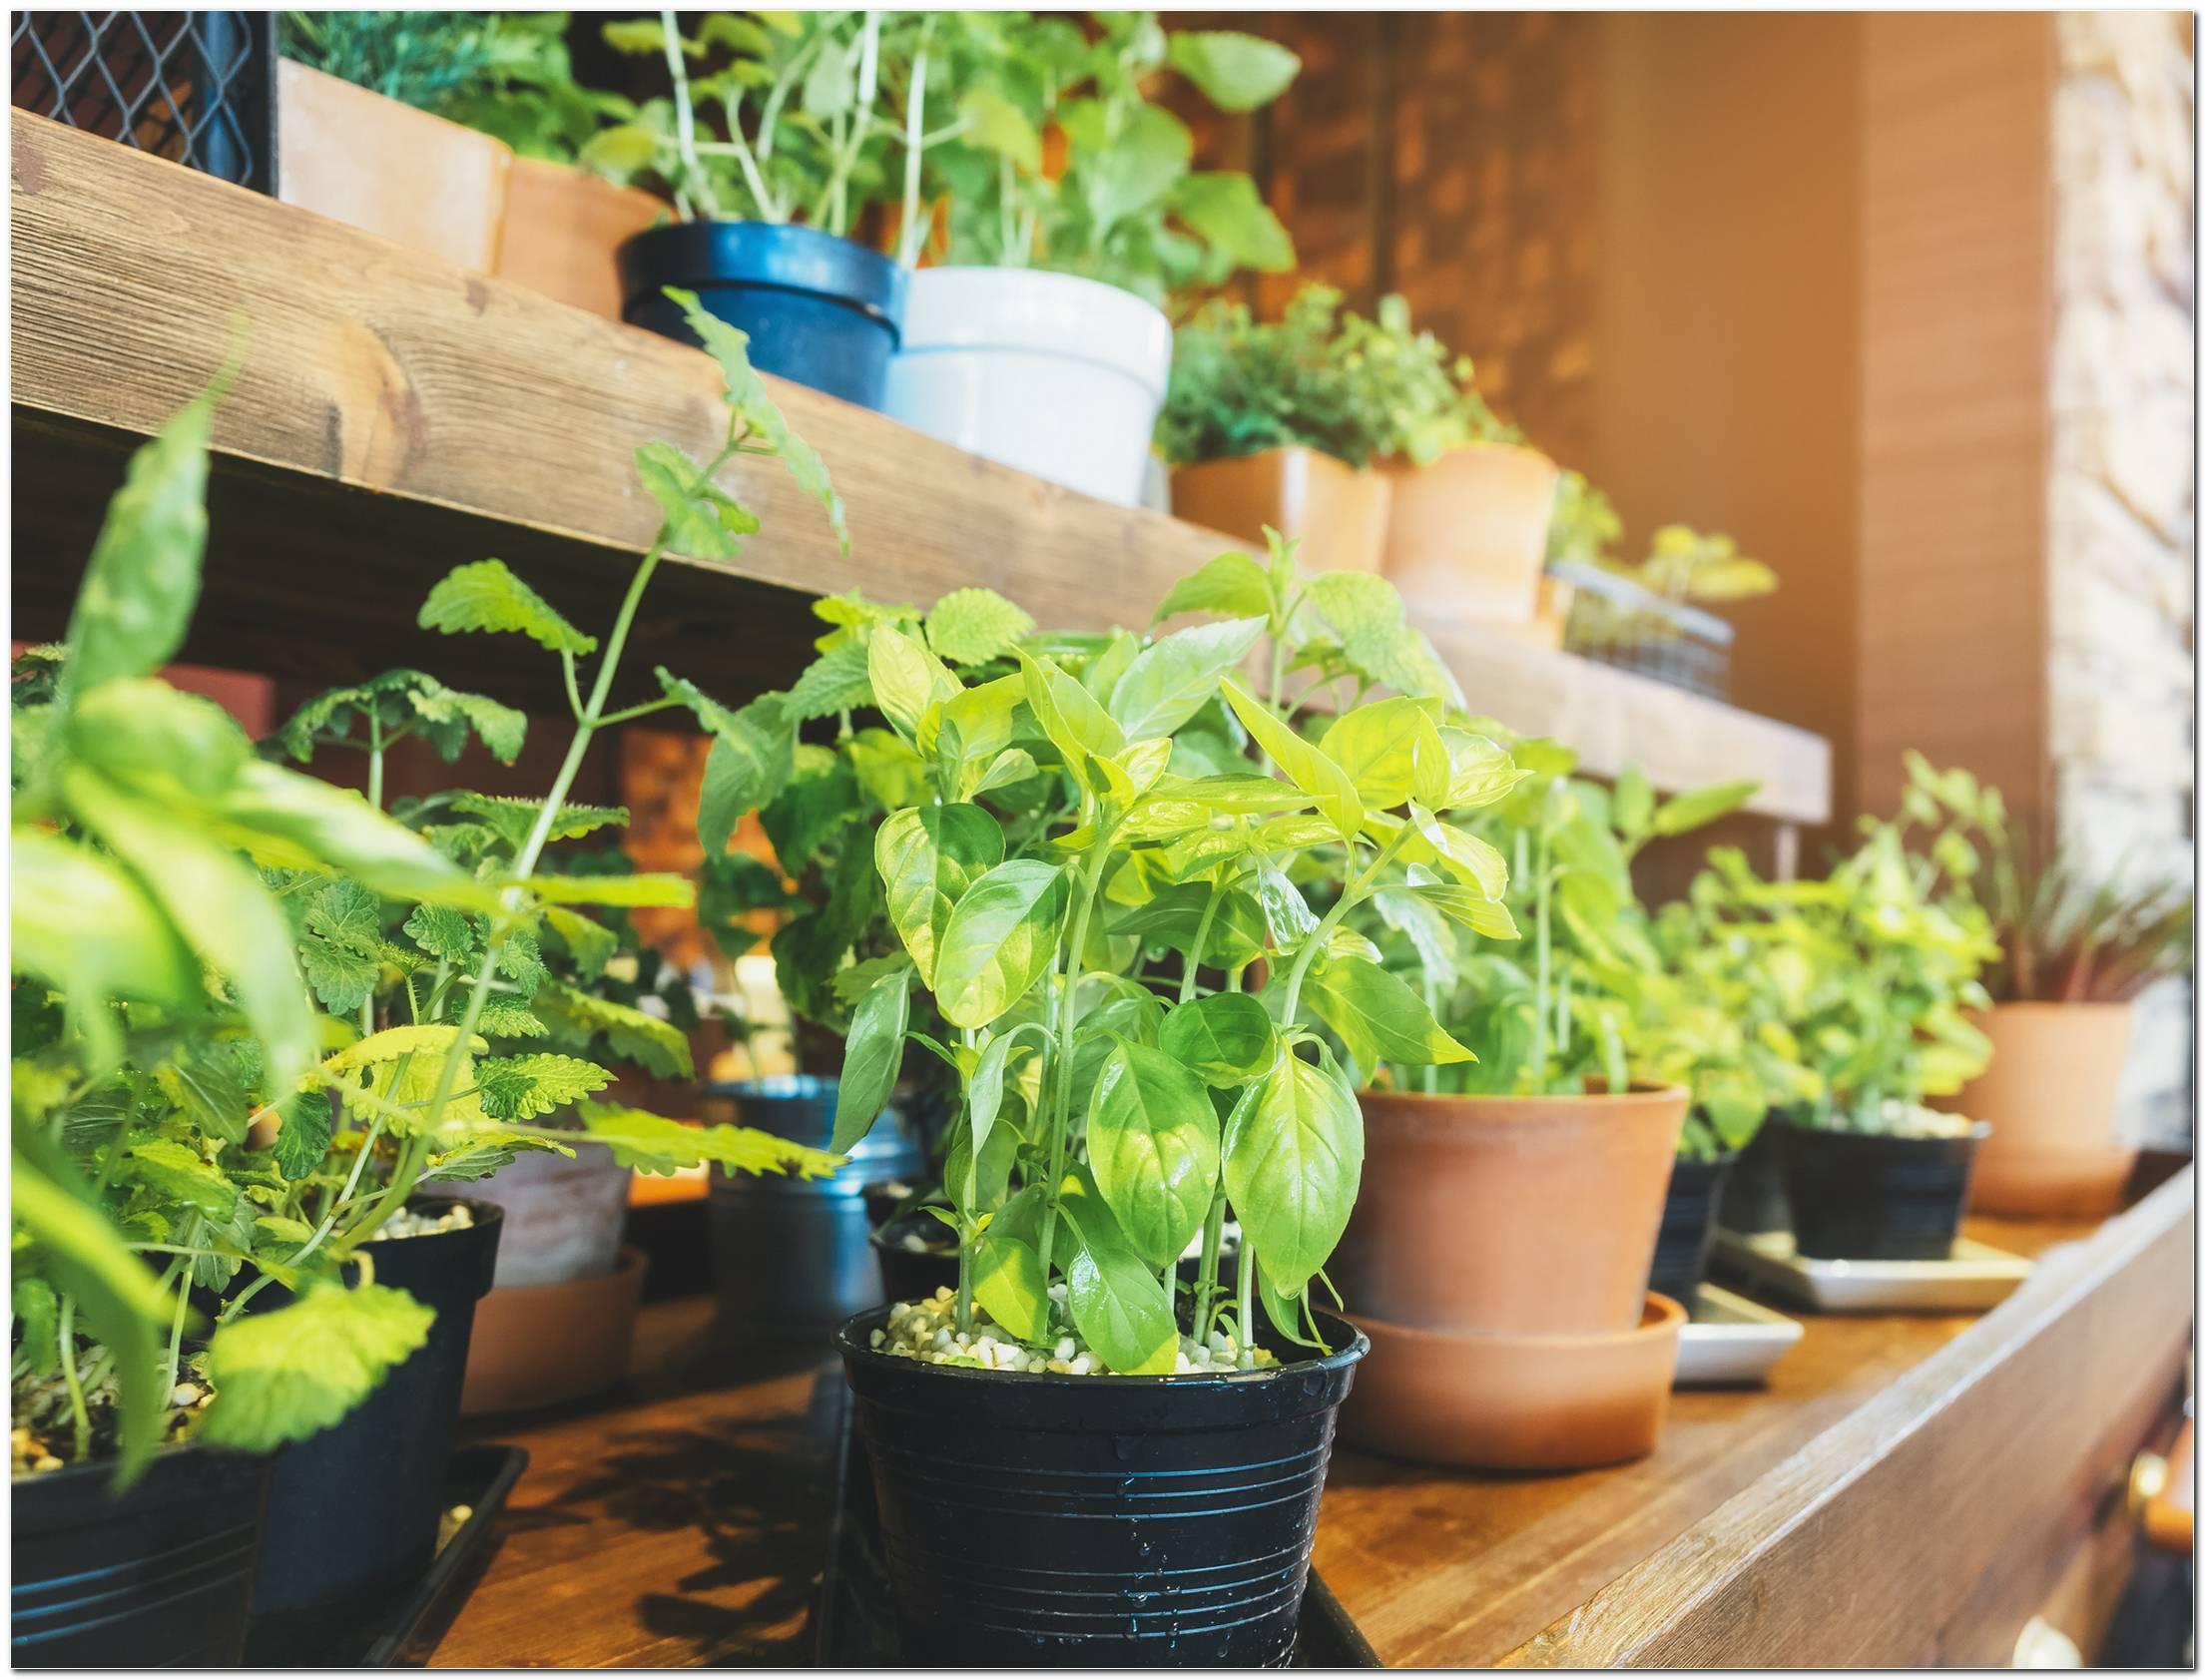 Horta Em Casa Aprenda Tudo Para Cultivar Alimentos Saudáveis Em Casa